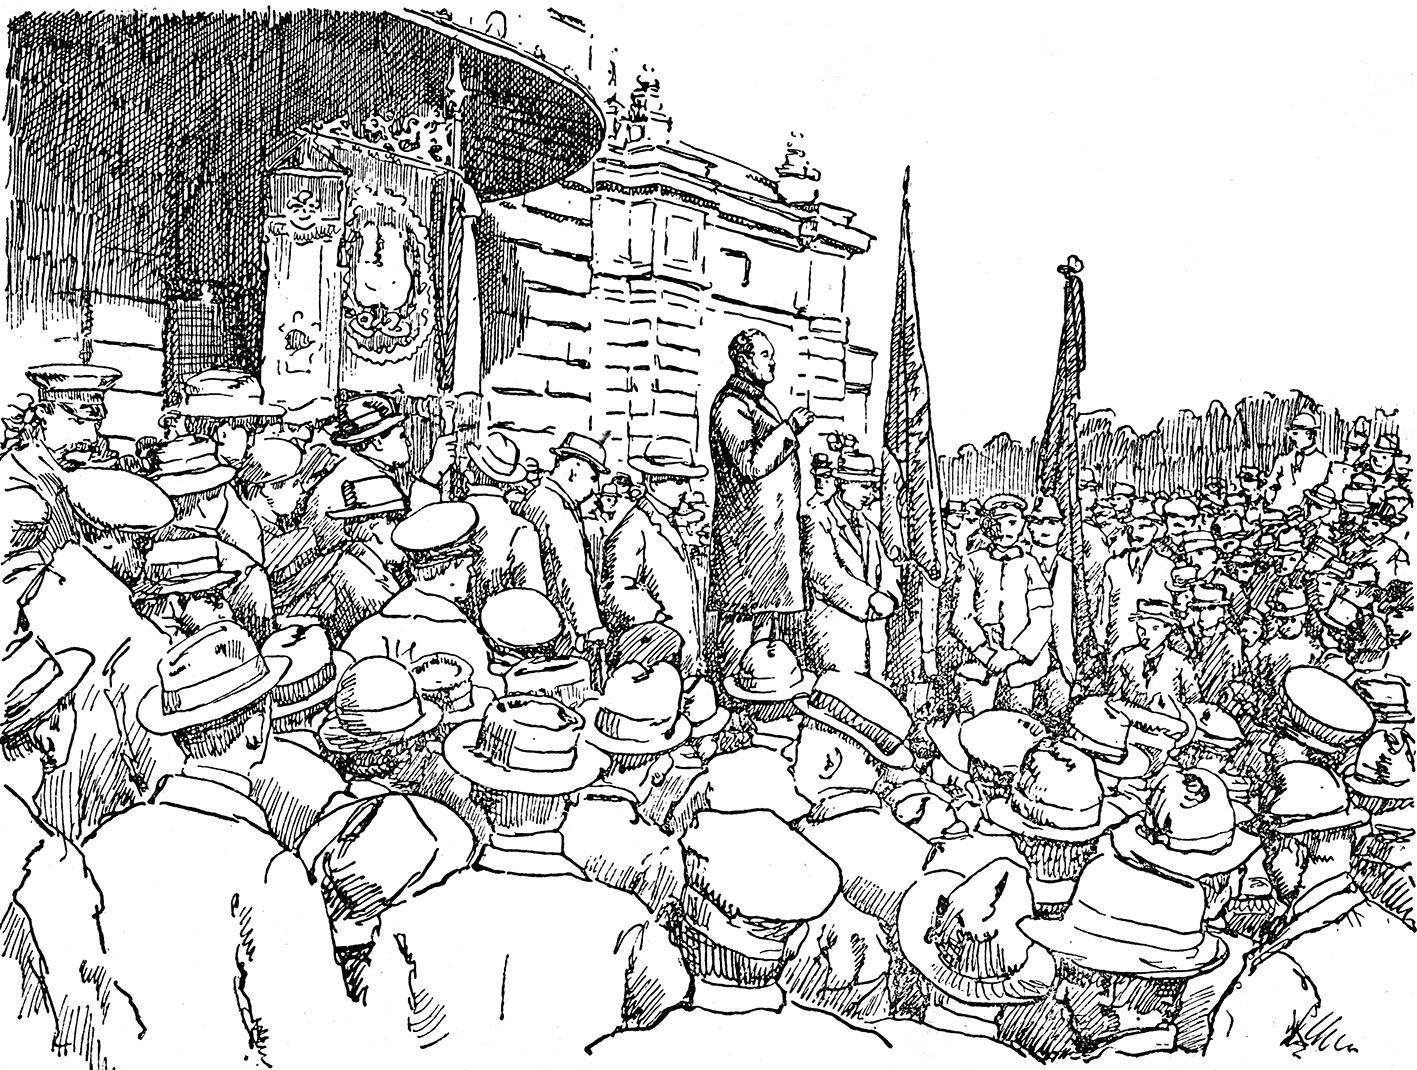 """""""Ausruf der Republik in Mainz durch Genossen Adelung am 9. November 1918"""" [richtig: 10. November 1918!]. Postkarte. Bernhard Adelung (* 30.11.1876, + 24.02.1897), Redakteur der Mainzer Volkszeitung, seit 1903 MdL, seit 1905 Stadtverordneter, von 1919-1928 Präsident des Landtages, von 1928-1933 Hessischer Staatspräsident. Er stellte sich am 09.11.1918 an die Spitze des Arbeiter- u. Soldatenrates u. konnte so größere Ausschreitungen verhindern. Am 10.11.1918 verkündete er auf der Freitreppe der Stadthalle die Abdankung von Kaiser Wilhelm II. und von Großherzog Ernst Ludwig und rief am gleichen Tage die """"Deutsche Republik"""" aus. Zeichnung von Hans Kohl nach einer Fotografie. Quelle: Mainzer Volkszeitung Nr. 260 (09.11.1929)"""